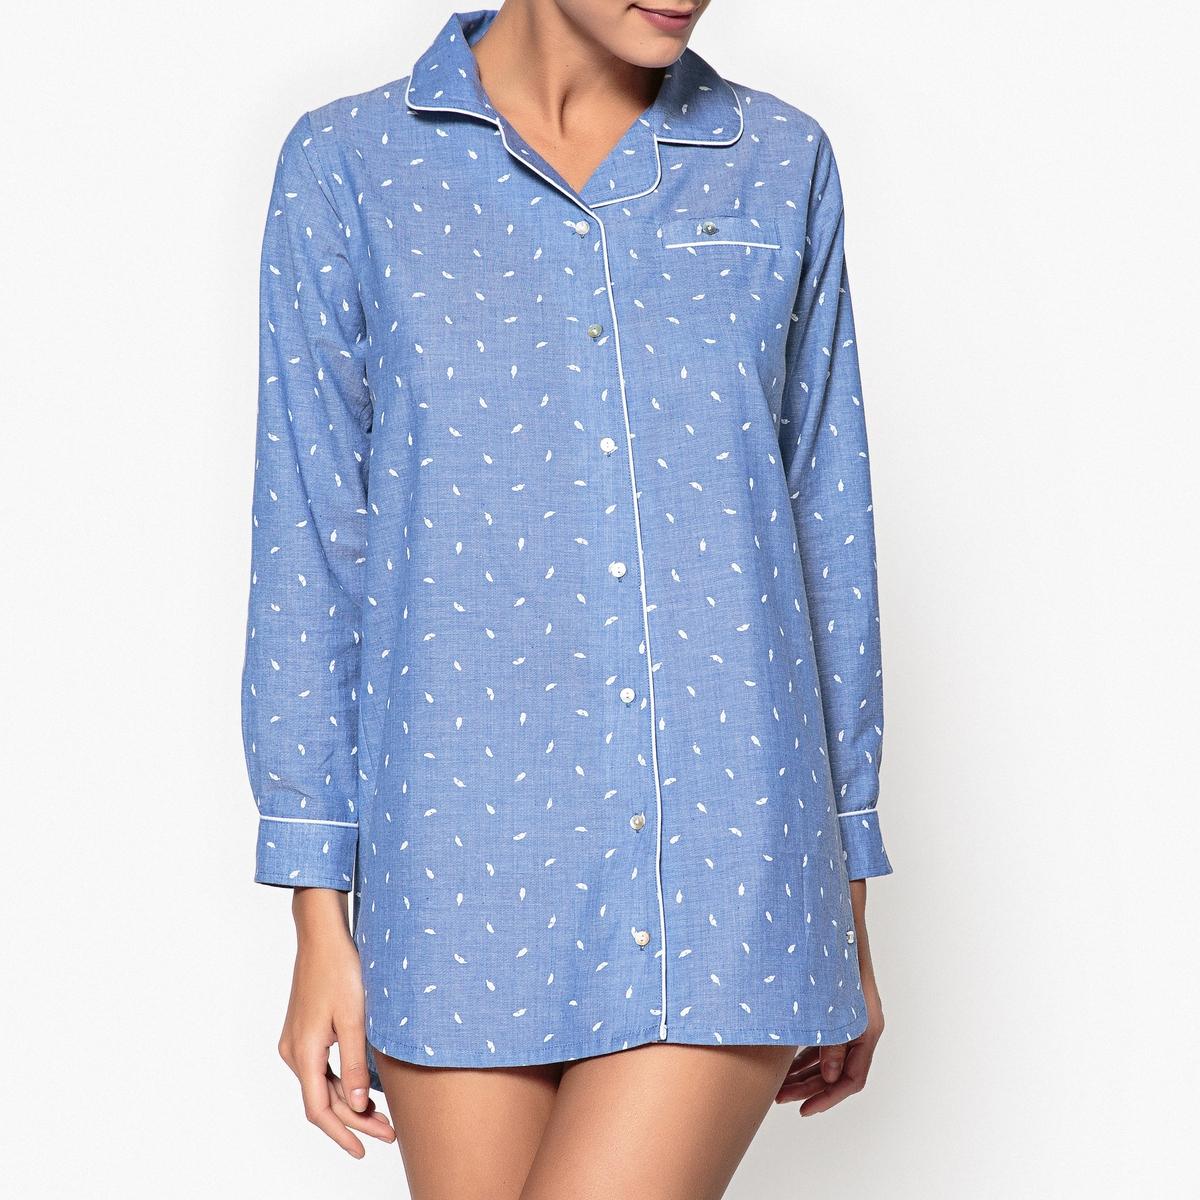 Сорочка ночная с рисунком перья из хлопка, Classic Mood